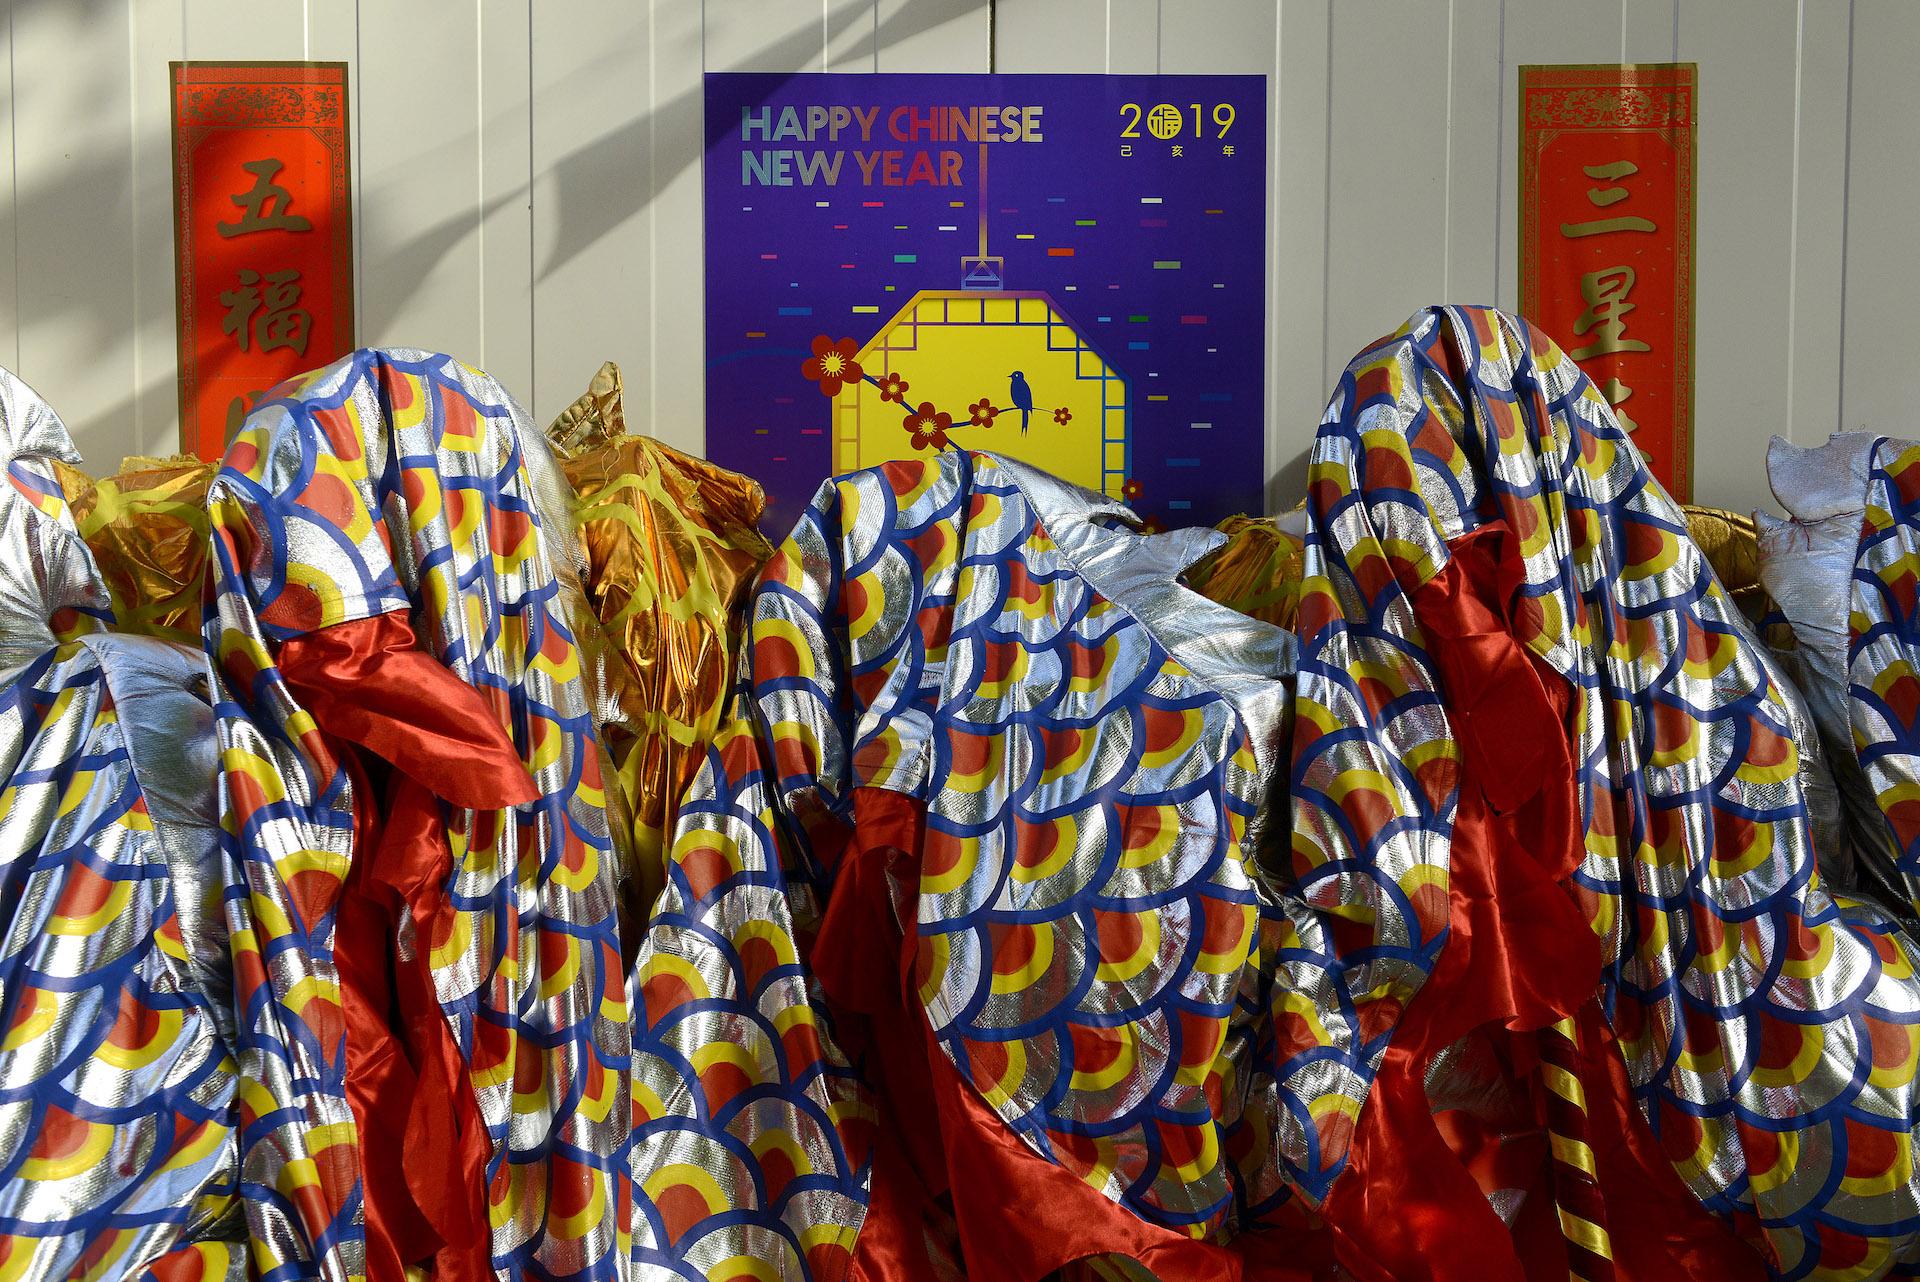 Según el ministerio de Cultura y Turismo de China, este año las celebraciones se extendieron en 396 ciudades de 133 países.